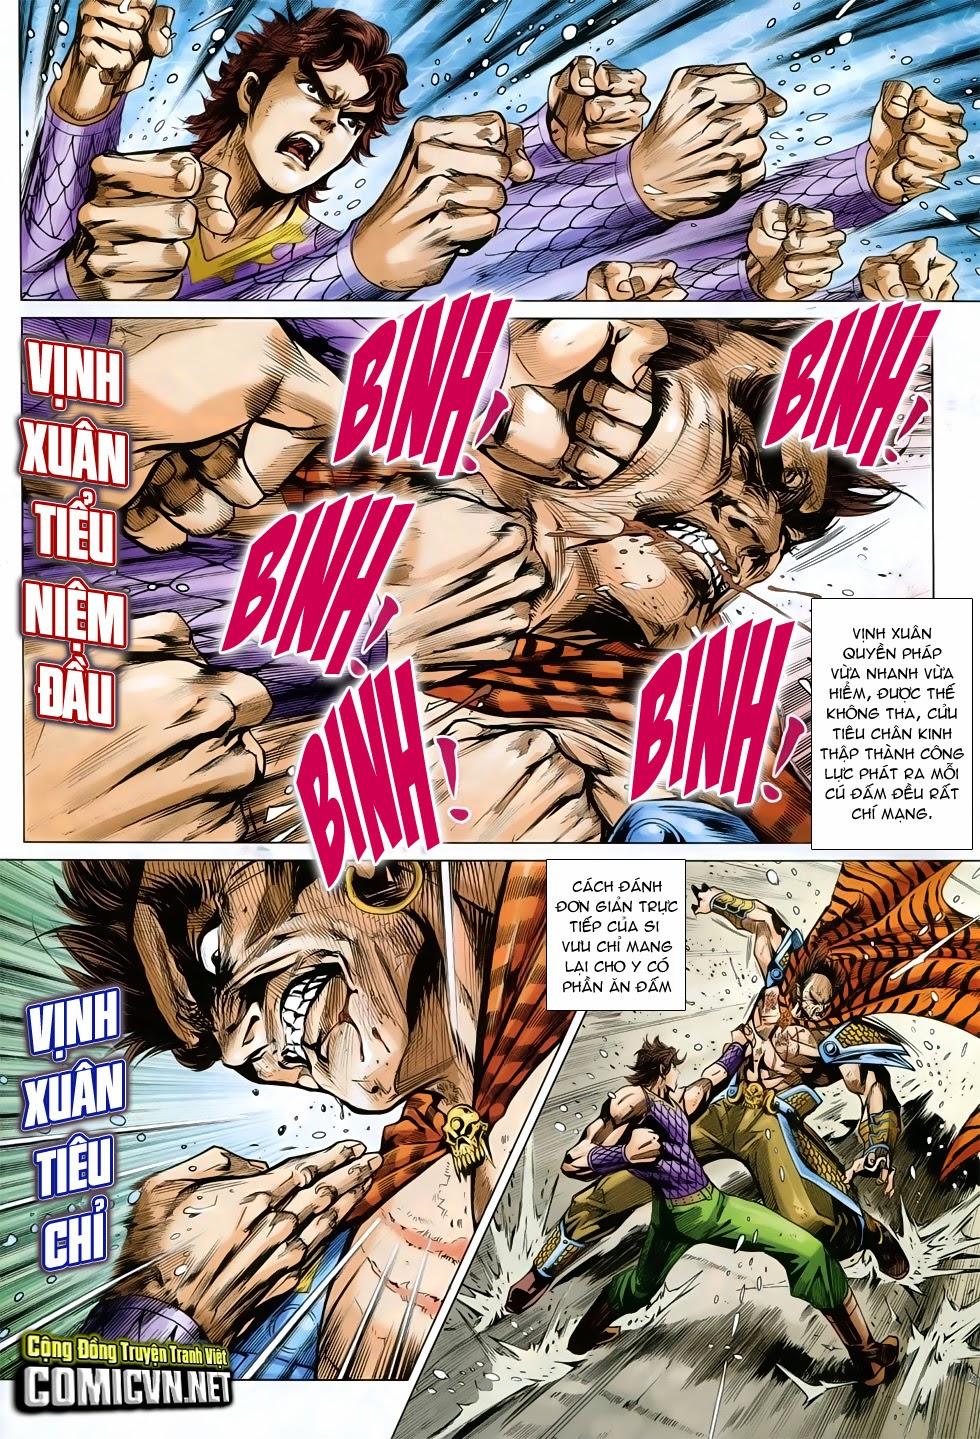 Tân Tác Long Hổ Môn chap 758 - Trang 4